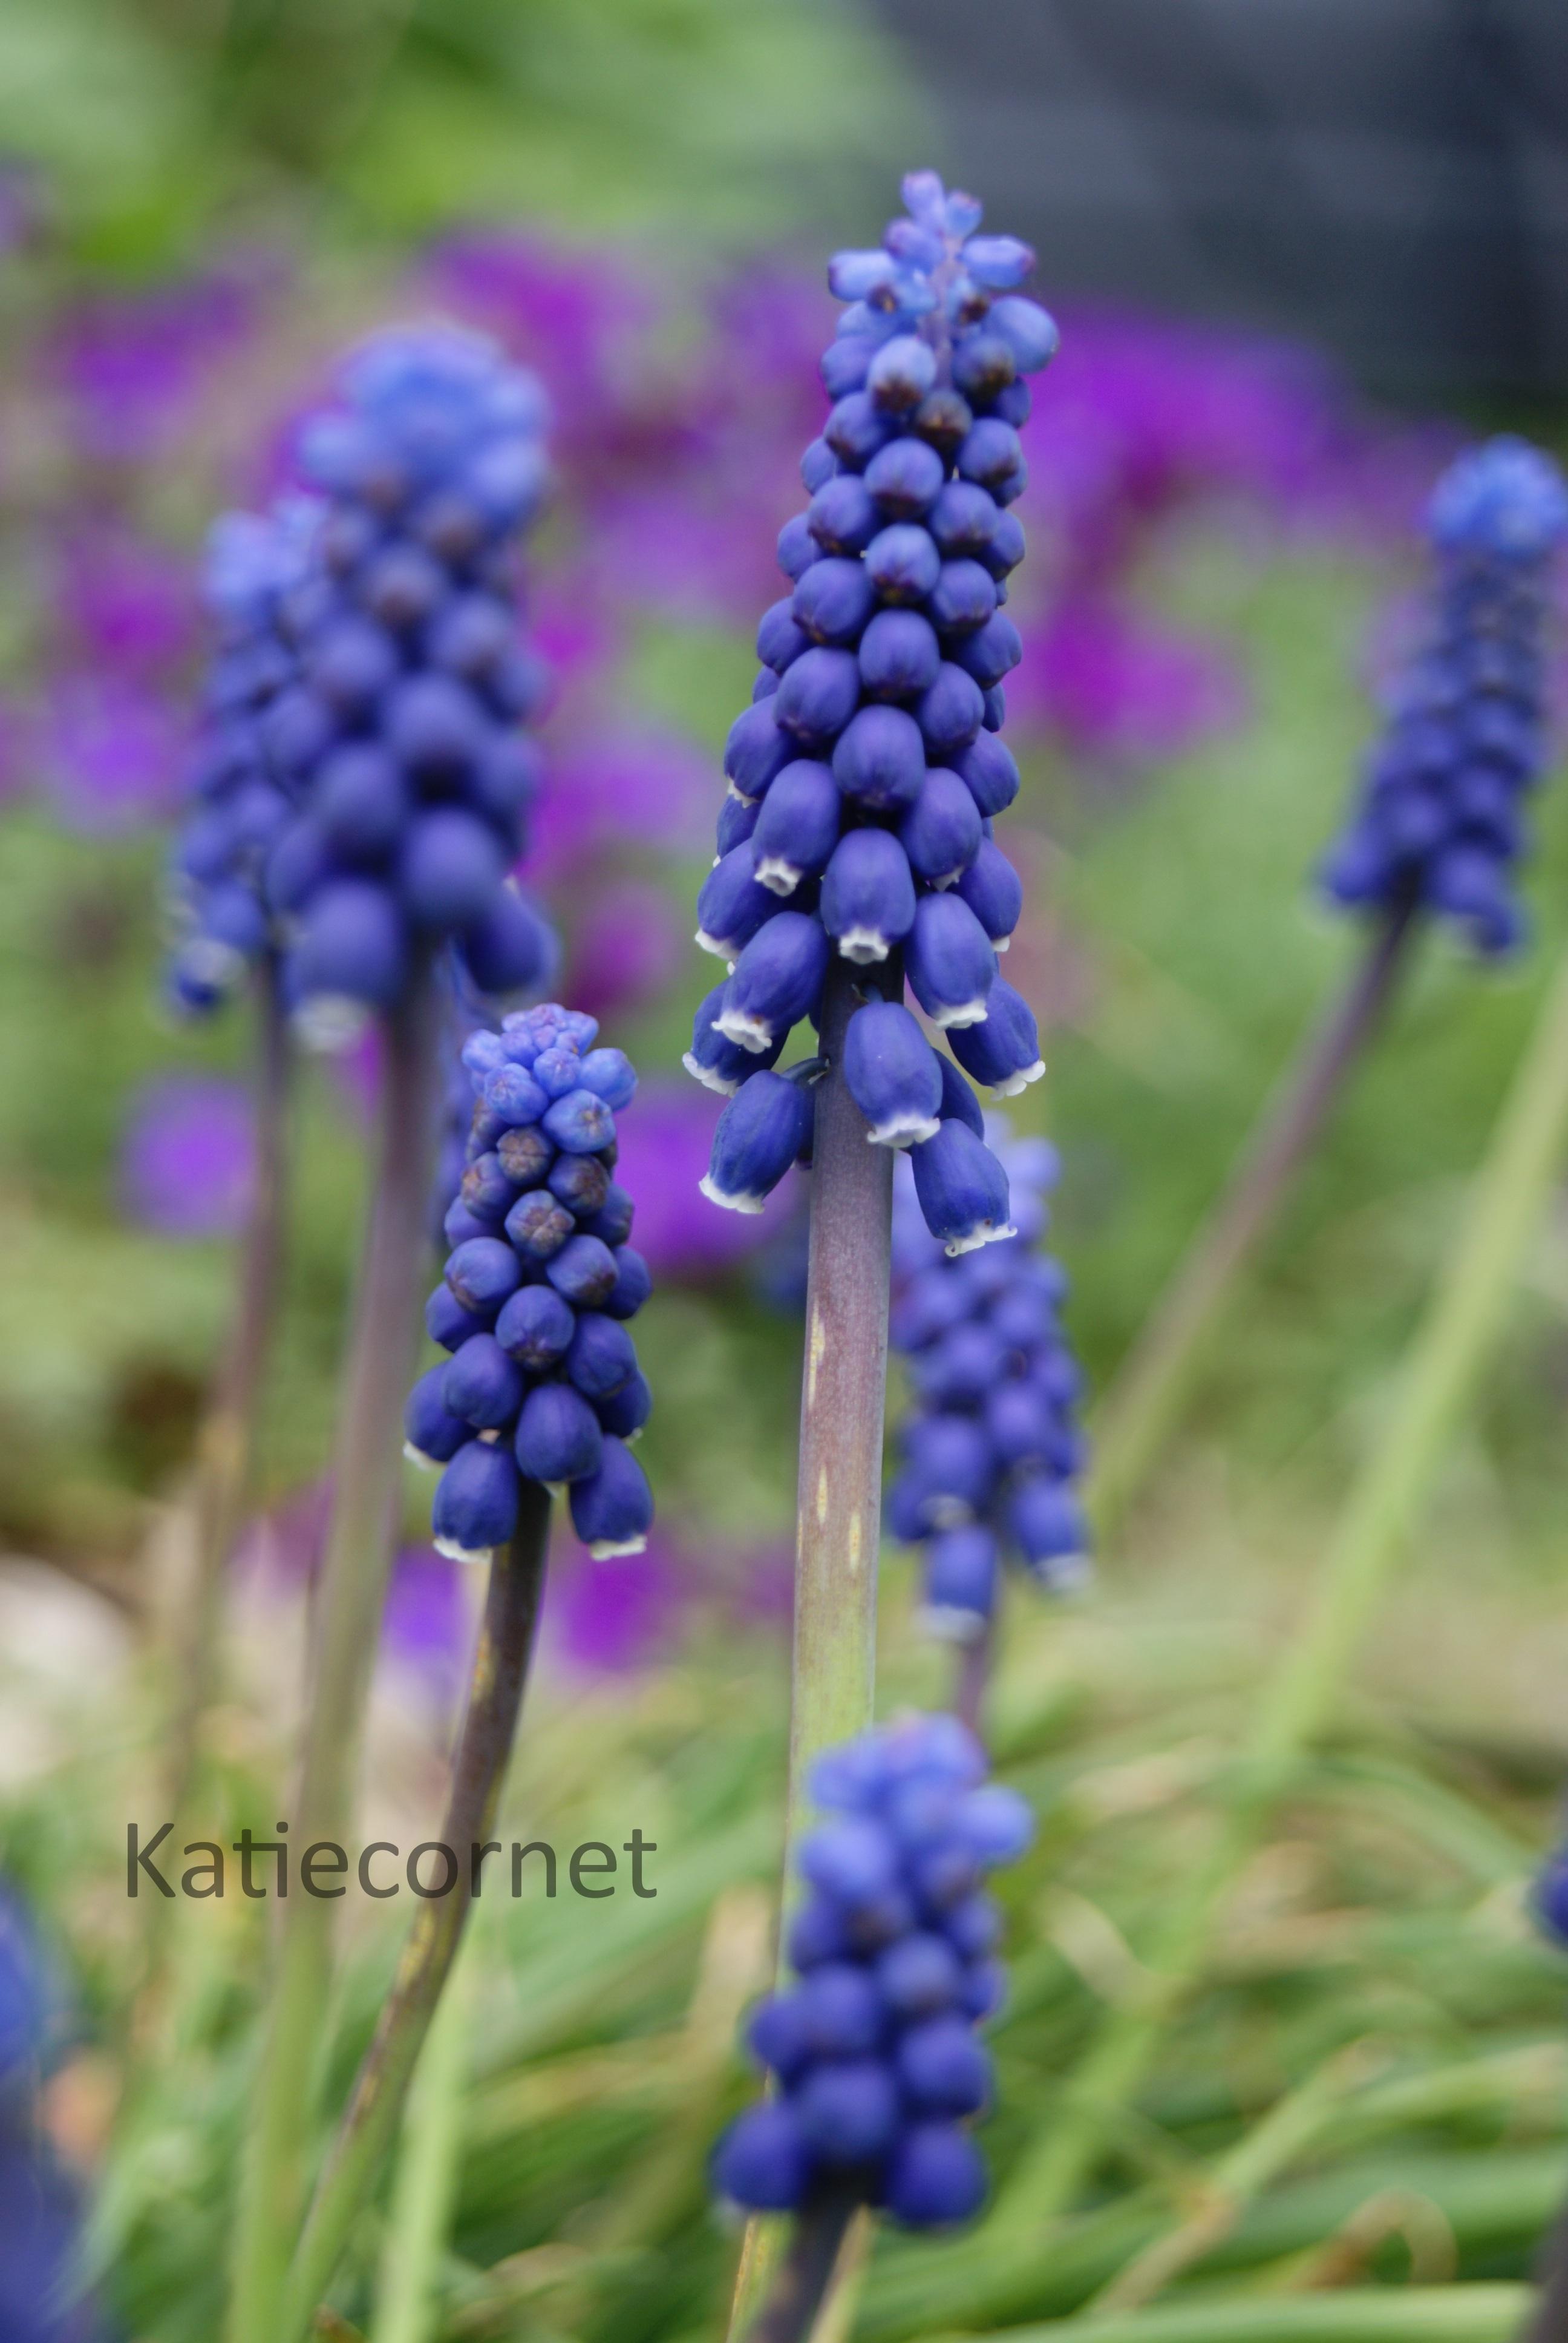 2. Grape Hyacinths